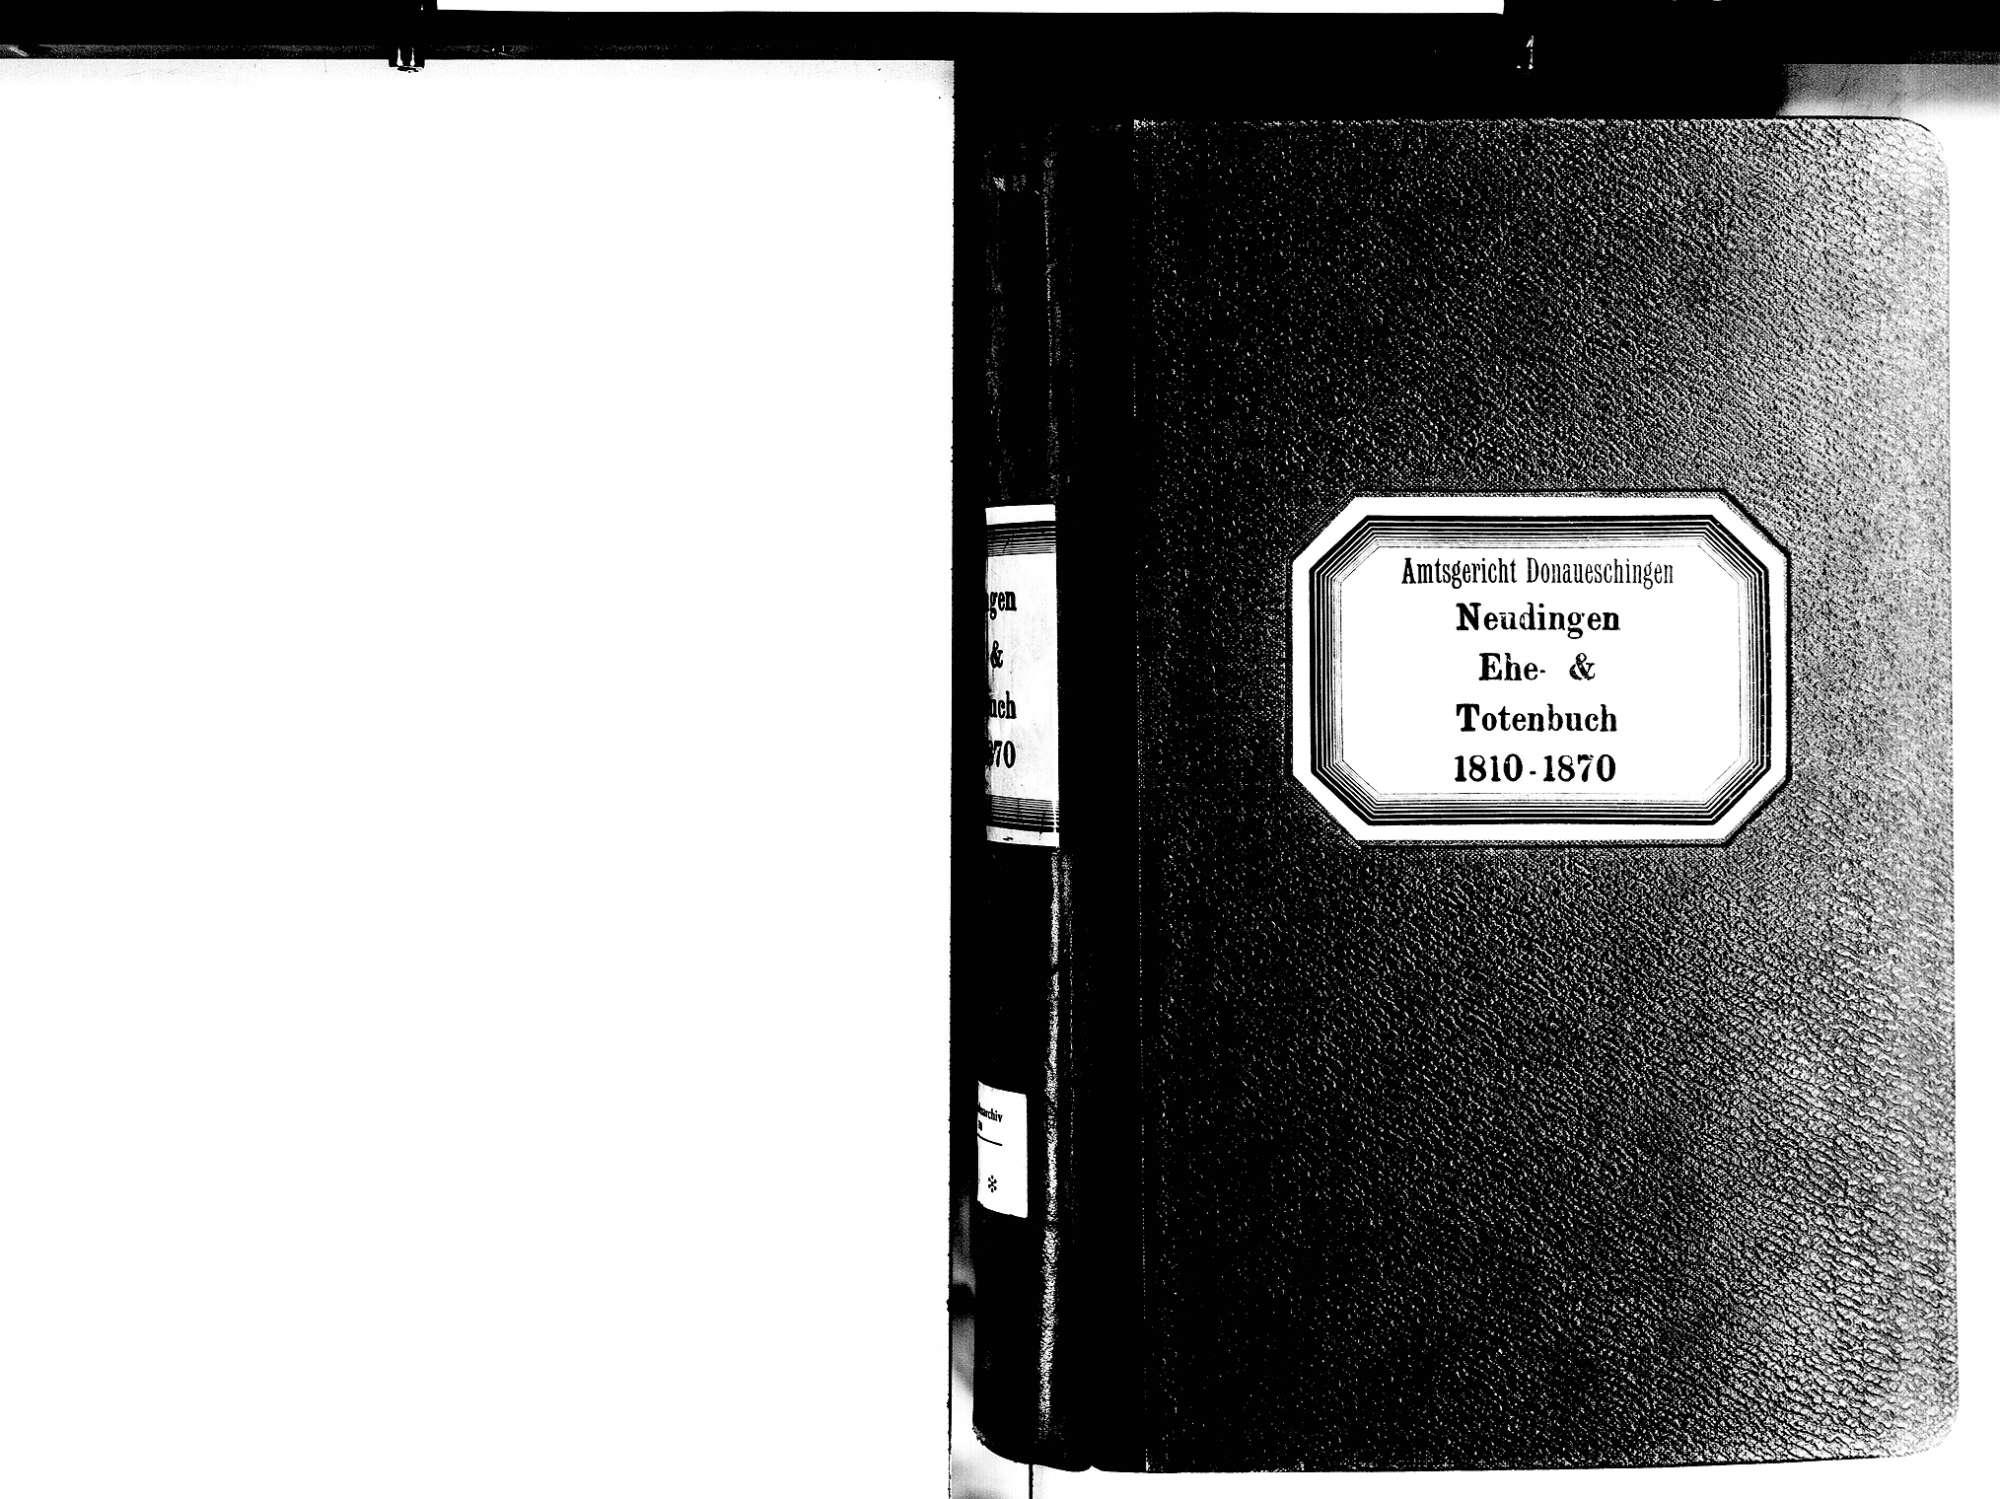 Neudingen, Donaueschingen VS; Katholische Gemeinde: Heiratsbuch 1810-1870 Neudingen, Donaueschingen VS; Katholische Gemeinde: Sterbebuch 1810-1870, Bild 2